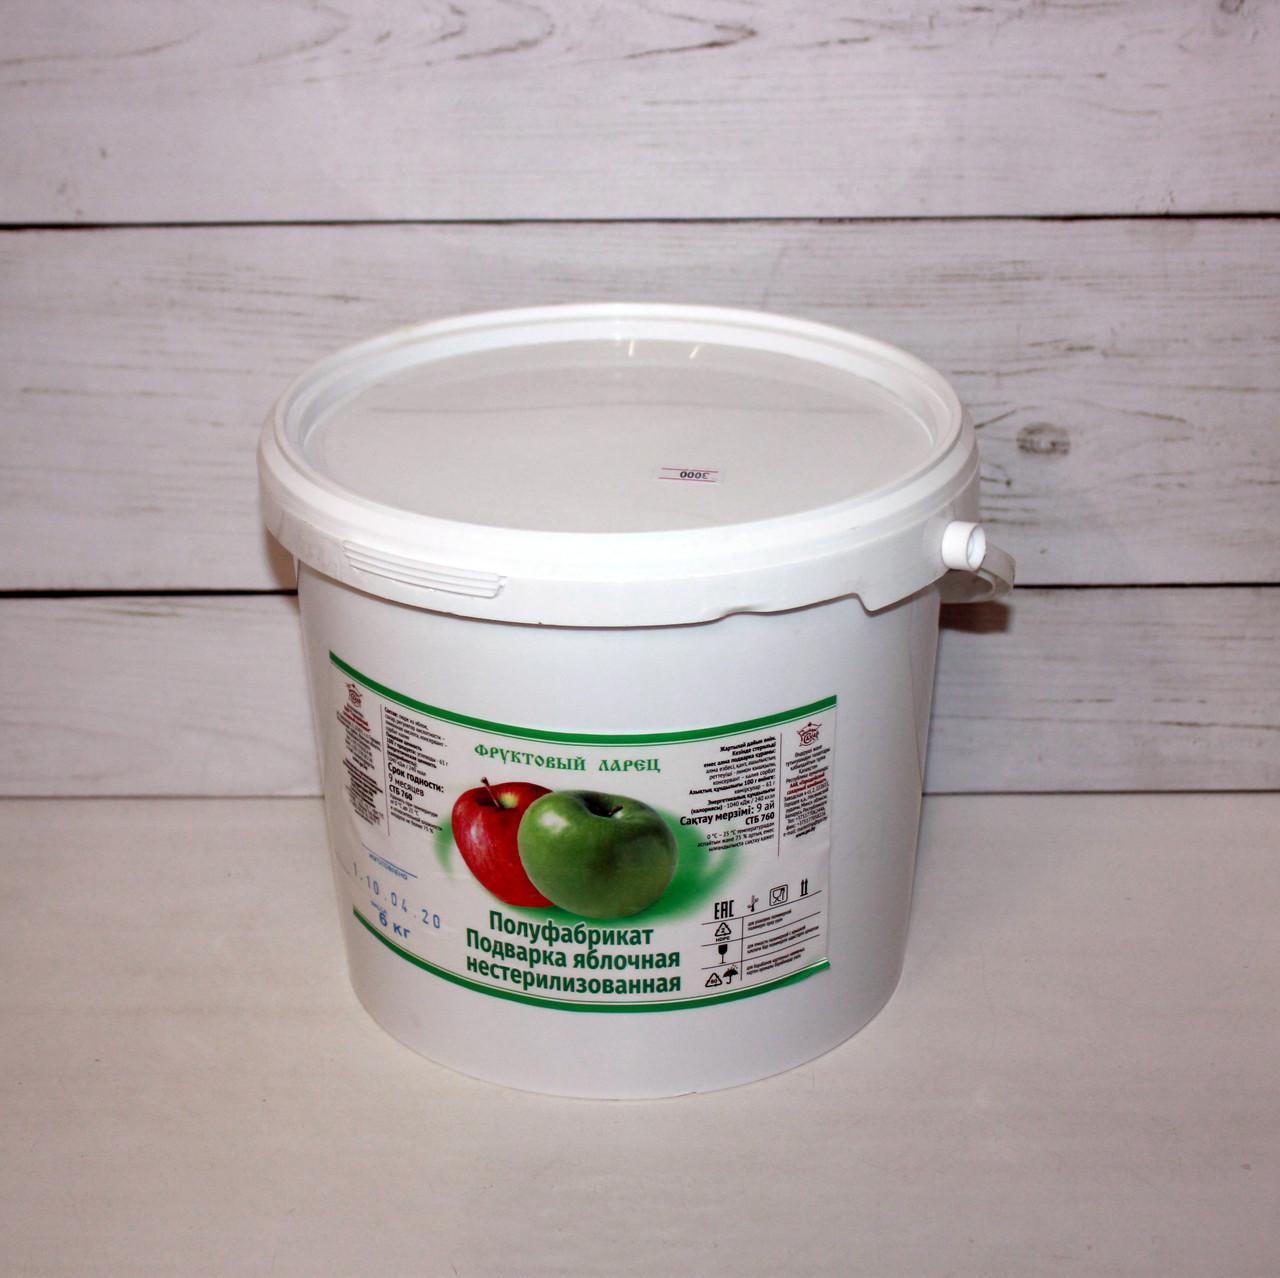 Подварка фруктовая яблочная 6 кг